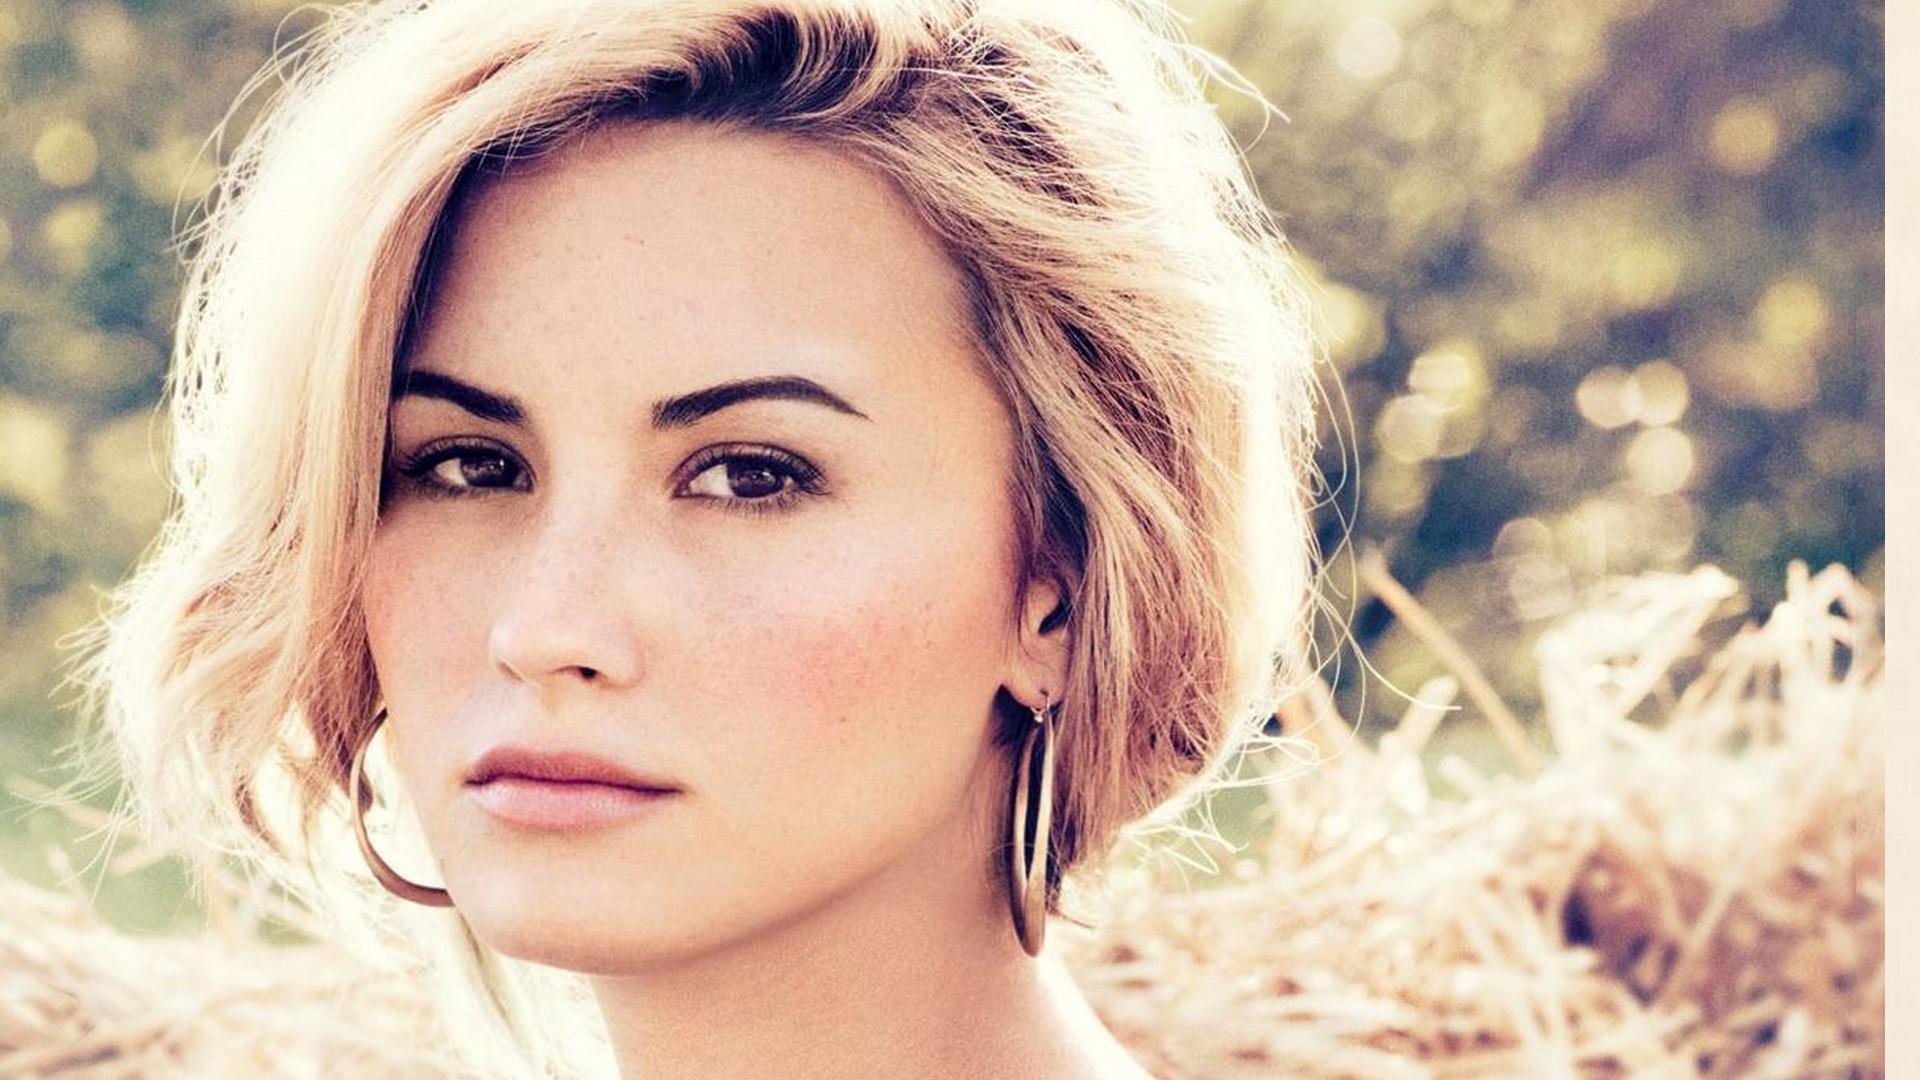 Demi Lovato Wallpapers 2015 1920x1080